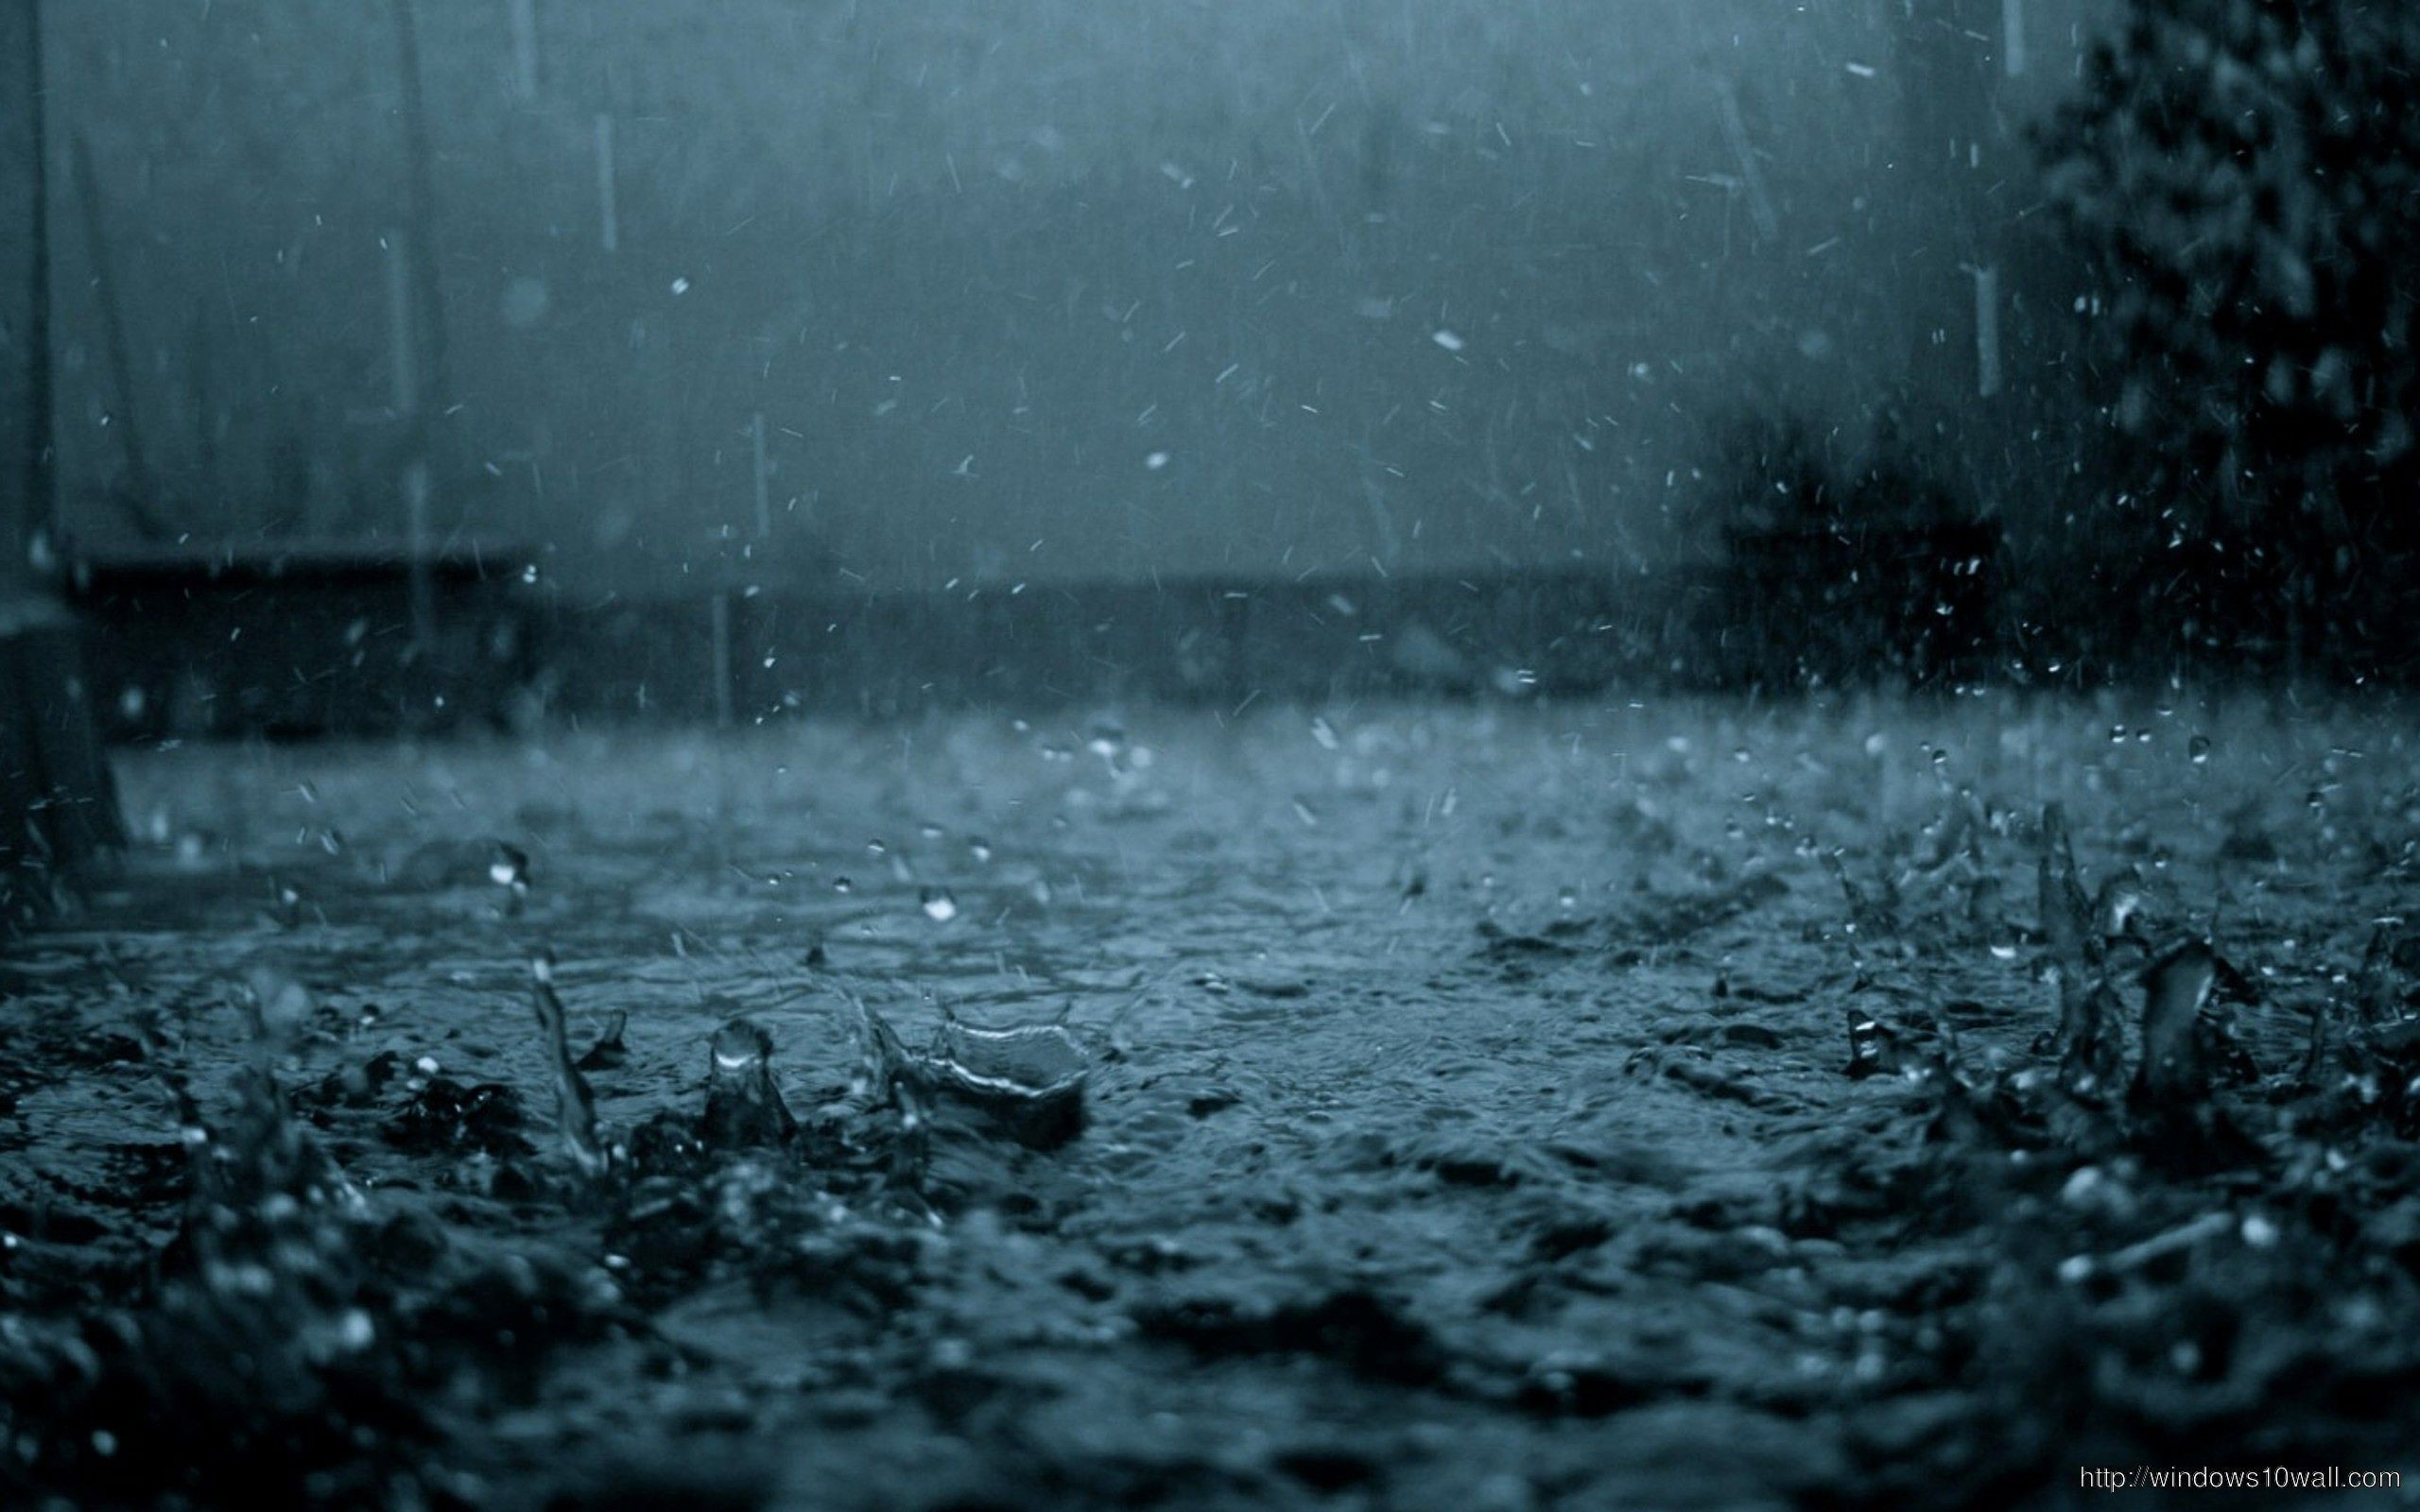 Rain Drops Hd Wallpaper